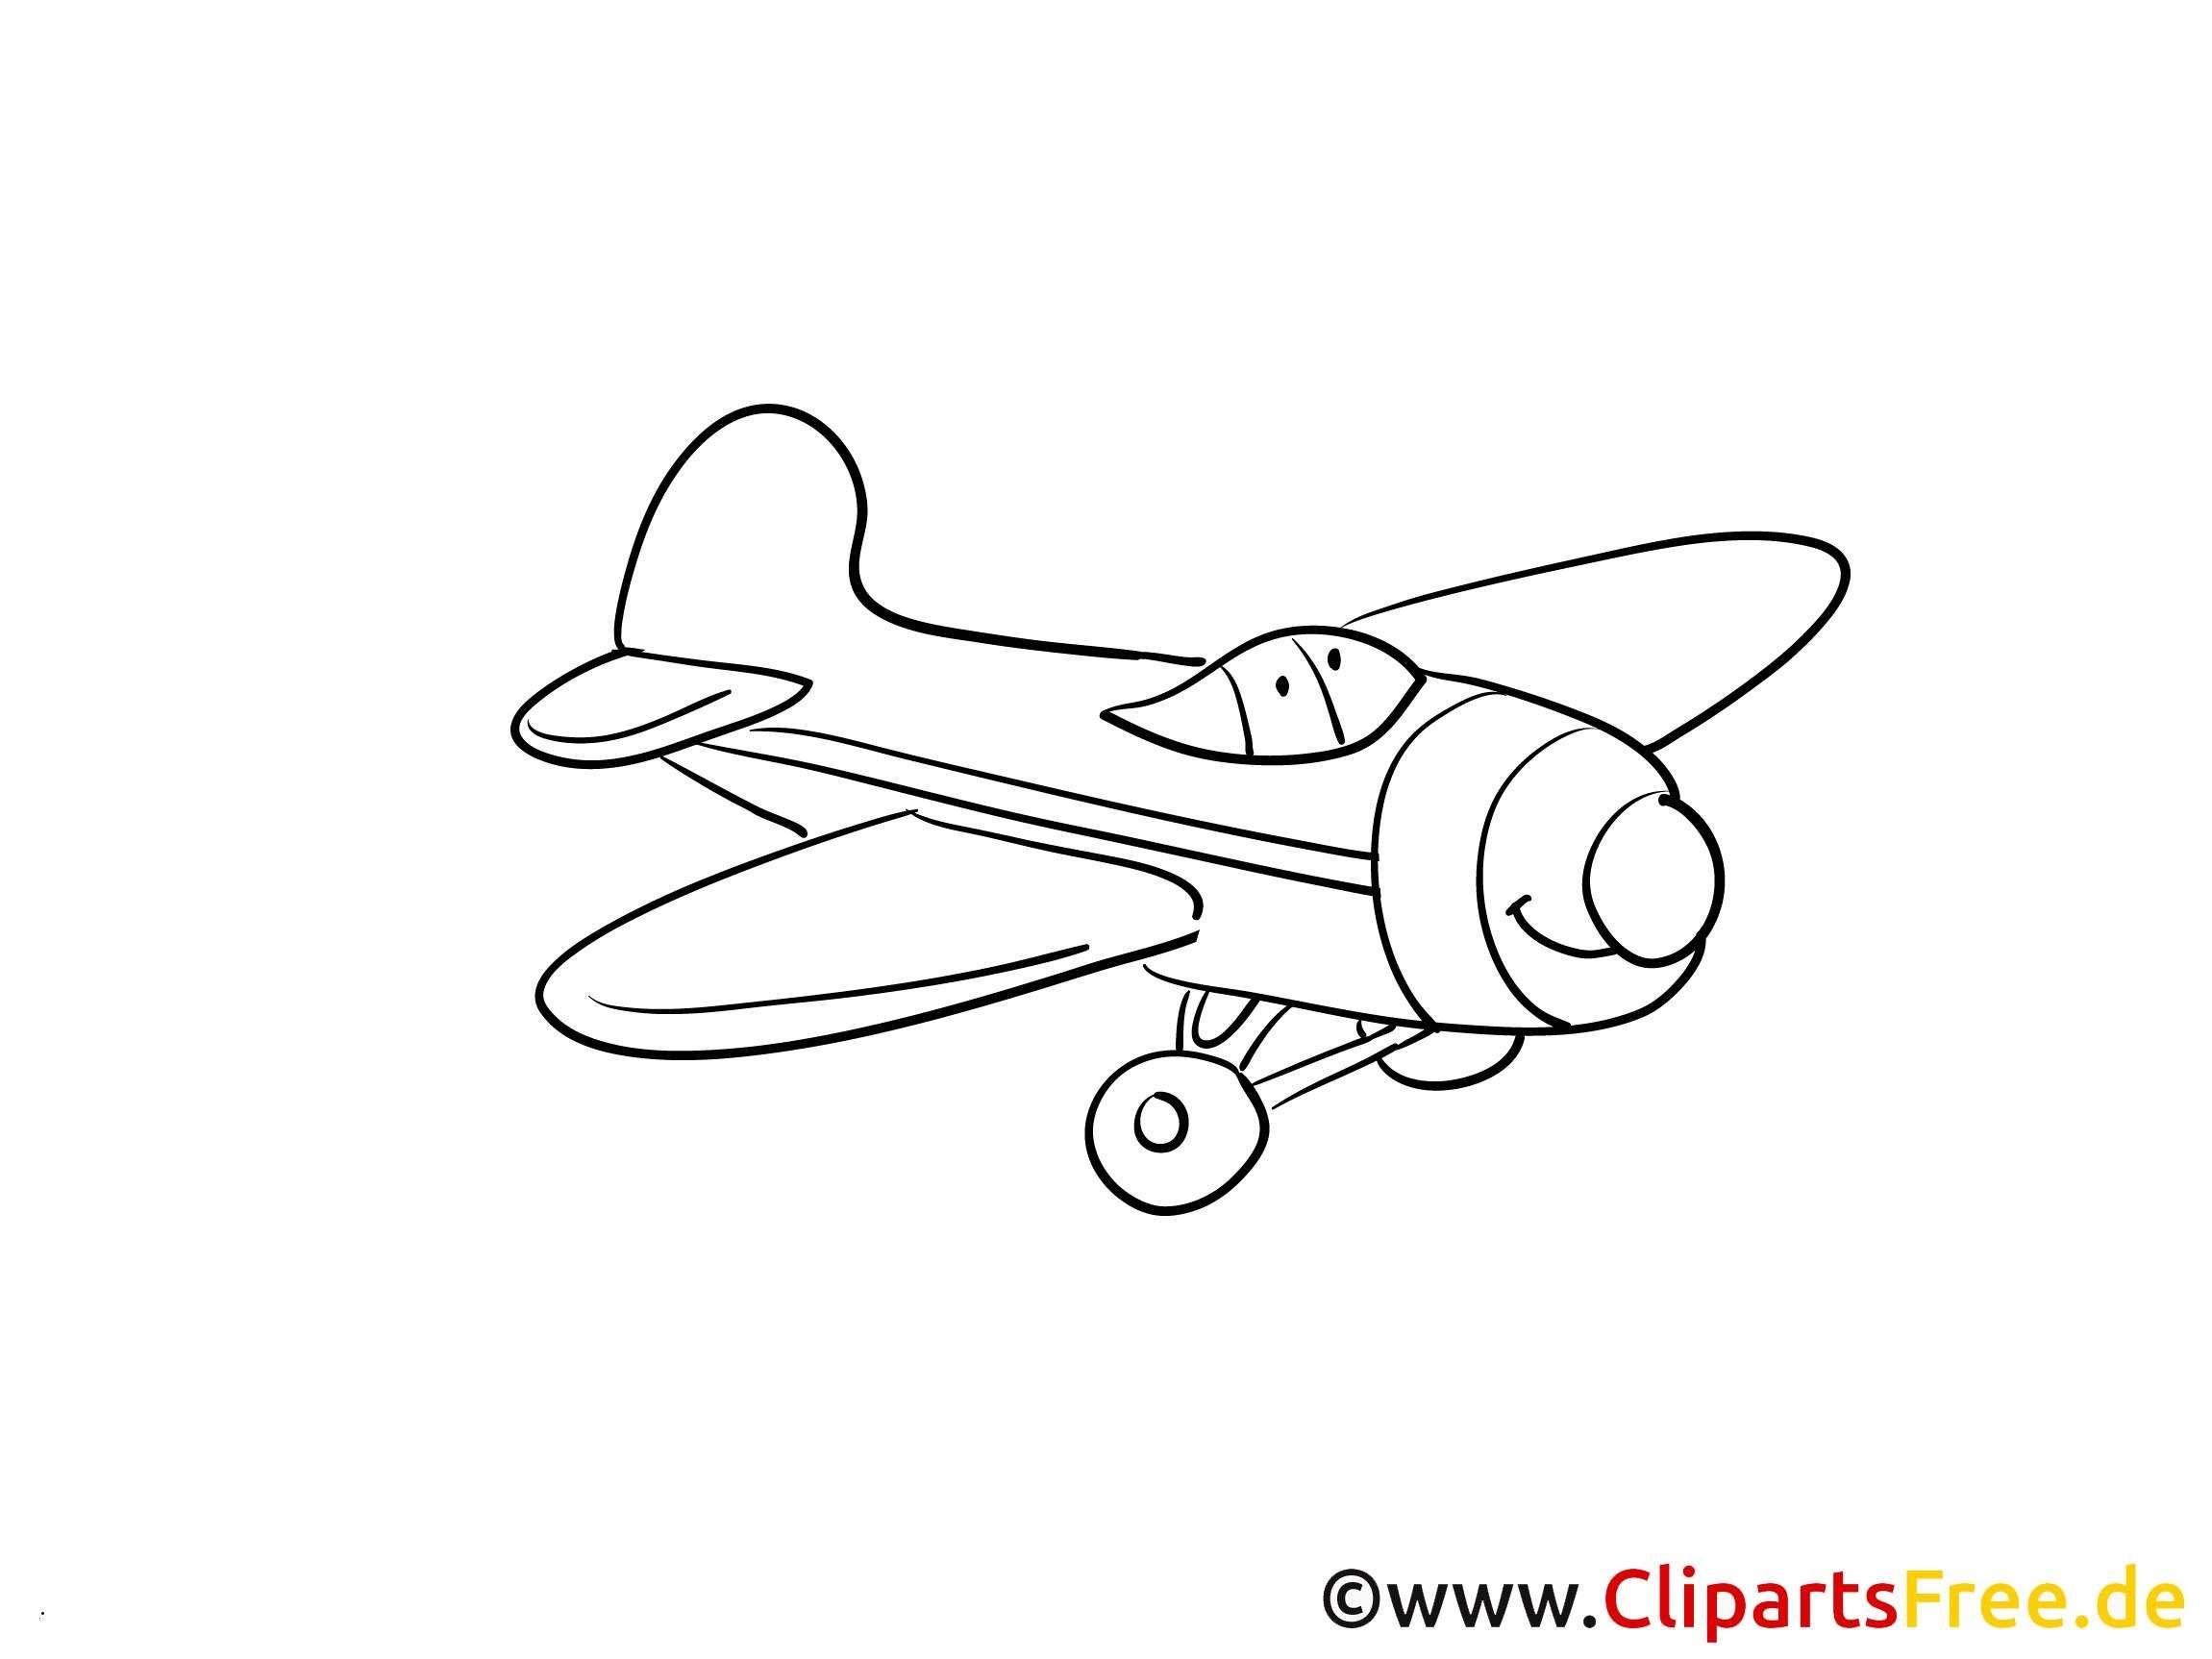 malvorlagen flugzeuge ausdrucken  kinder ausmalbilder